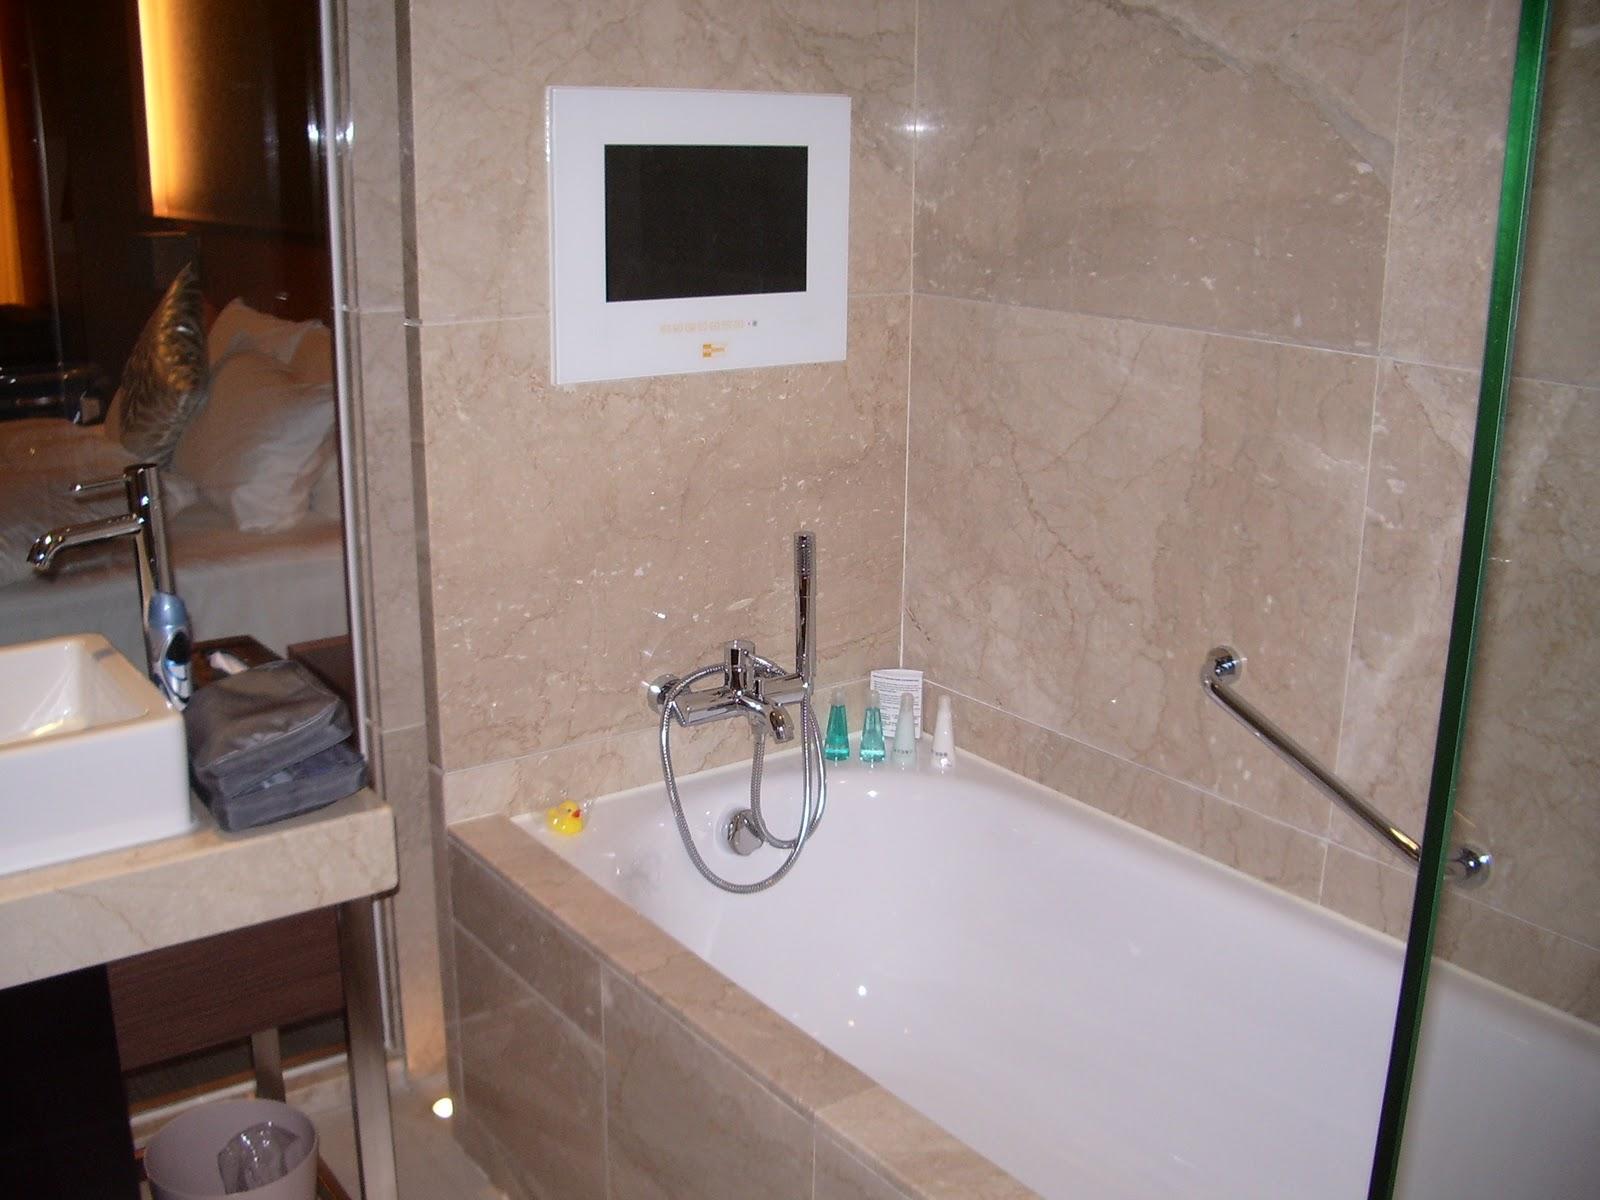 Tv dans salle de bain 28 images livraison gratuite 233 for Miroir salle de bain avec television